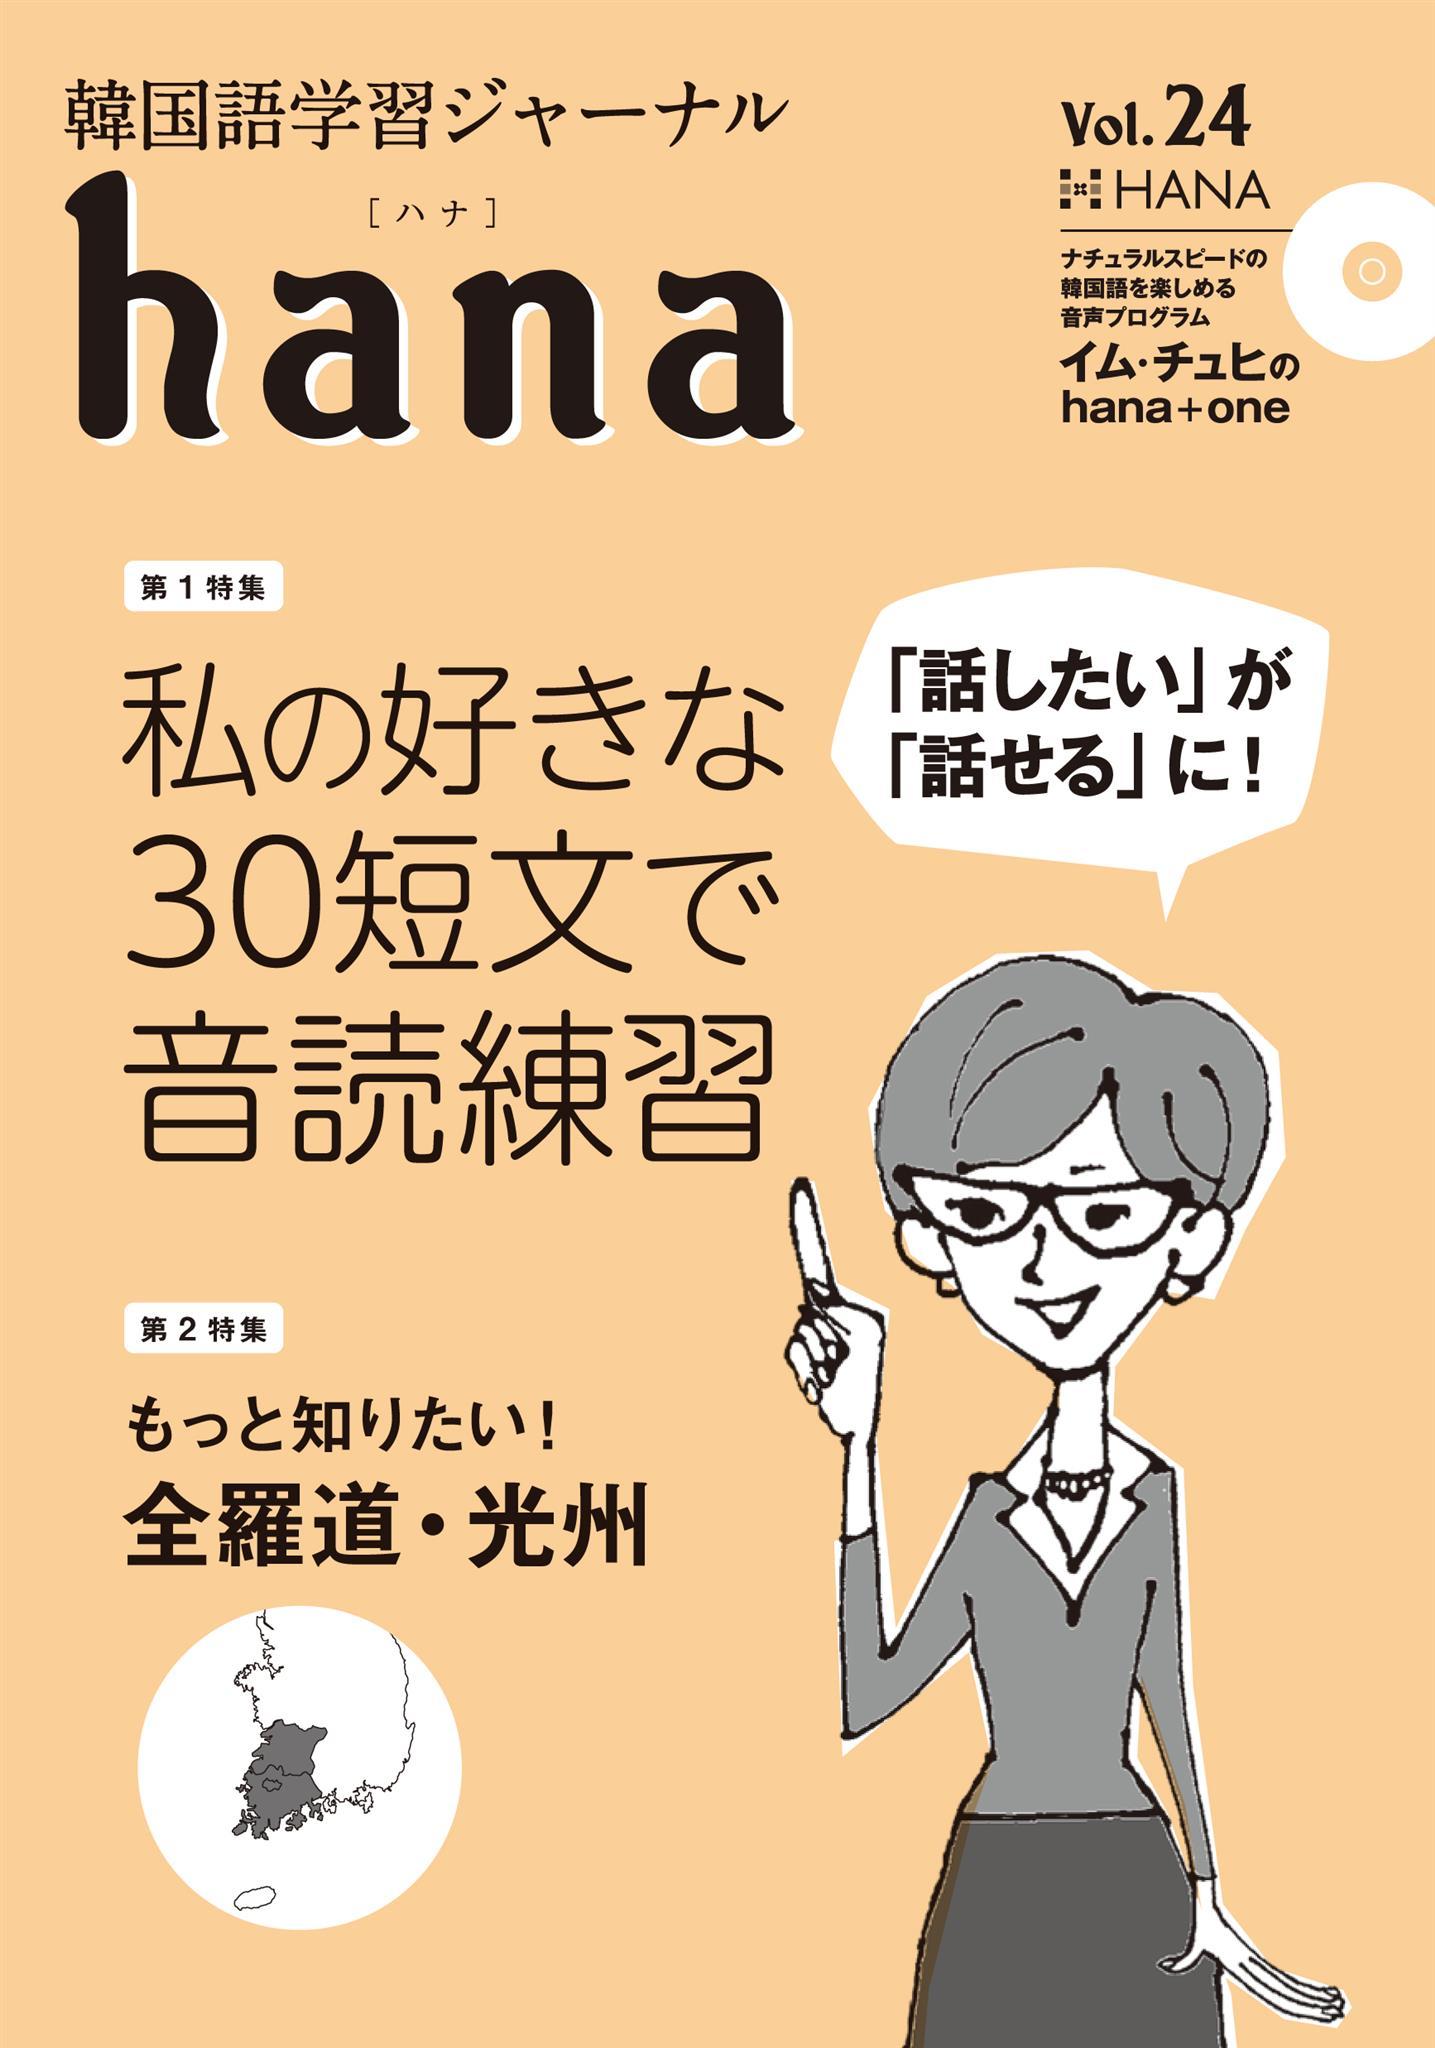 『韓国語学習ジャーナルhana Vol. 24』のイメージ